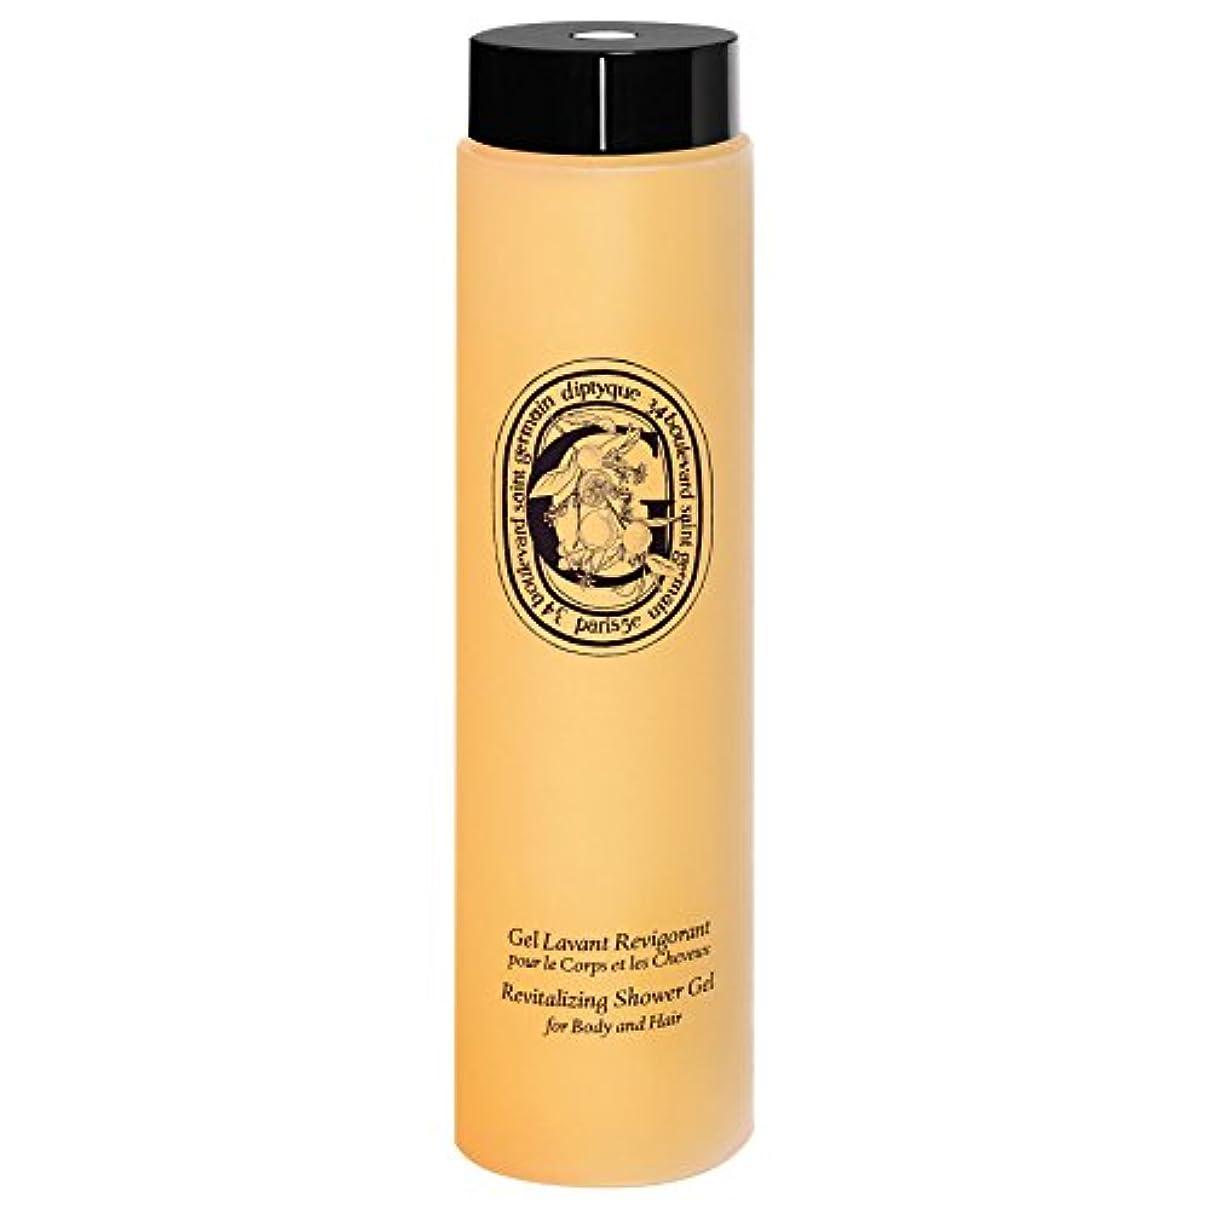 旋律的トランジスタ倫理[Diptyque] ボディ、ヘア200ミリリットルのためDiptyqueのリバイタライジングシャワージェル - Diptyque Revitalising Shower Gel For Body And Hair 200ml...